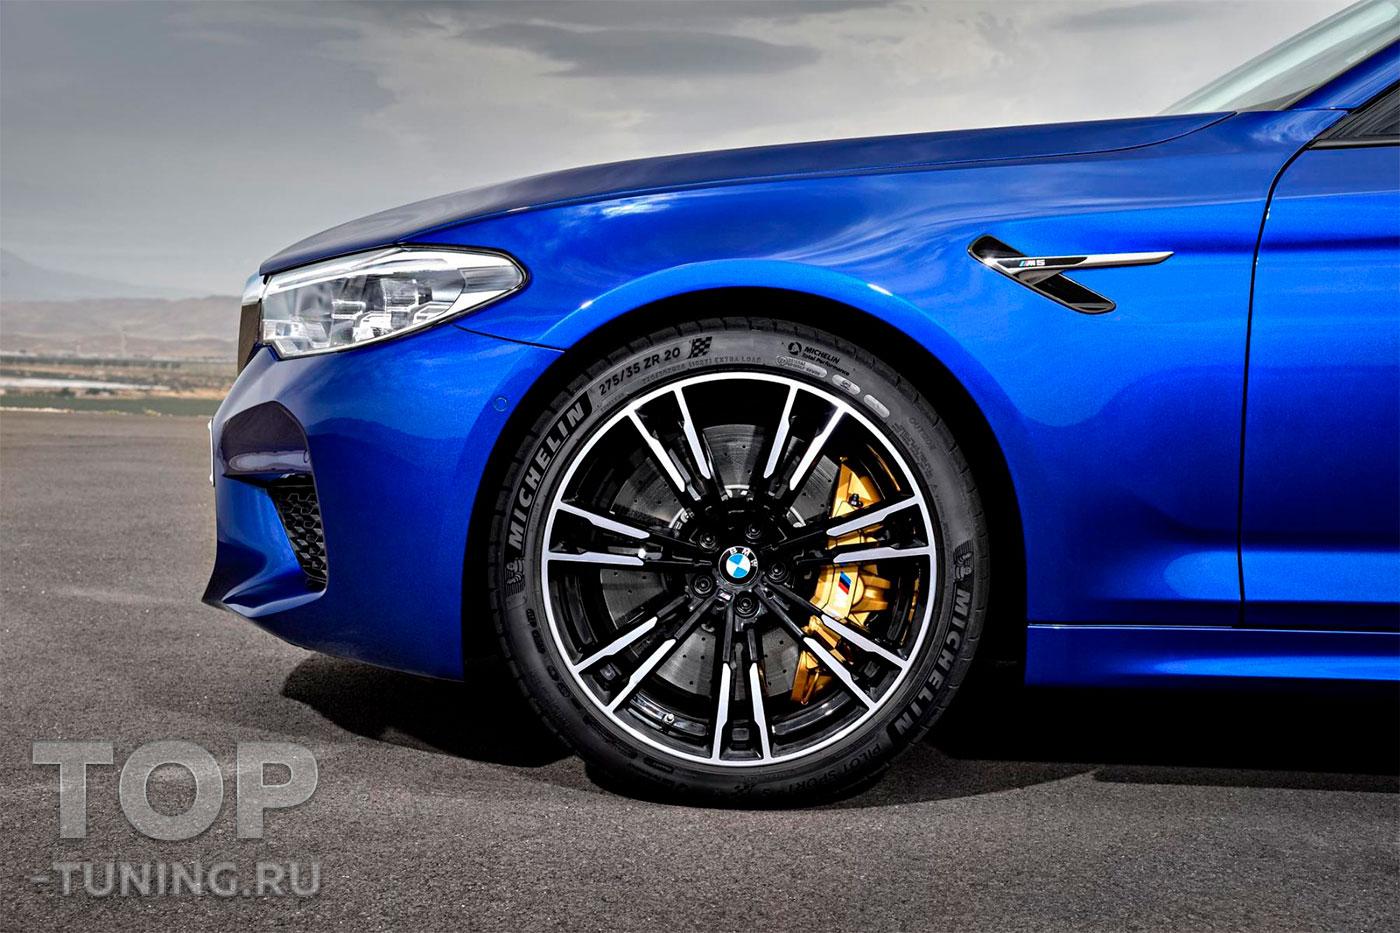 Оригинальные аксессуары для BMW